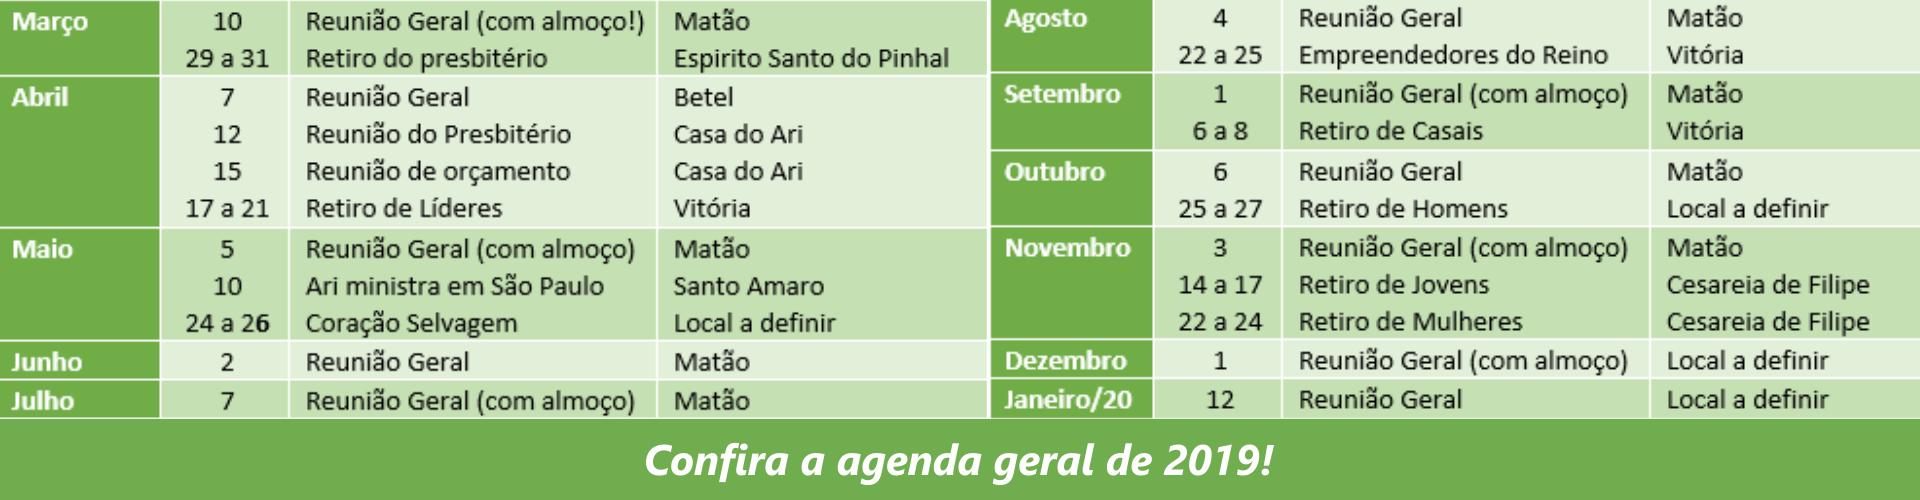 slide-agenda-geral